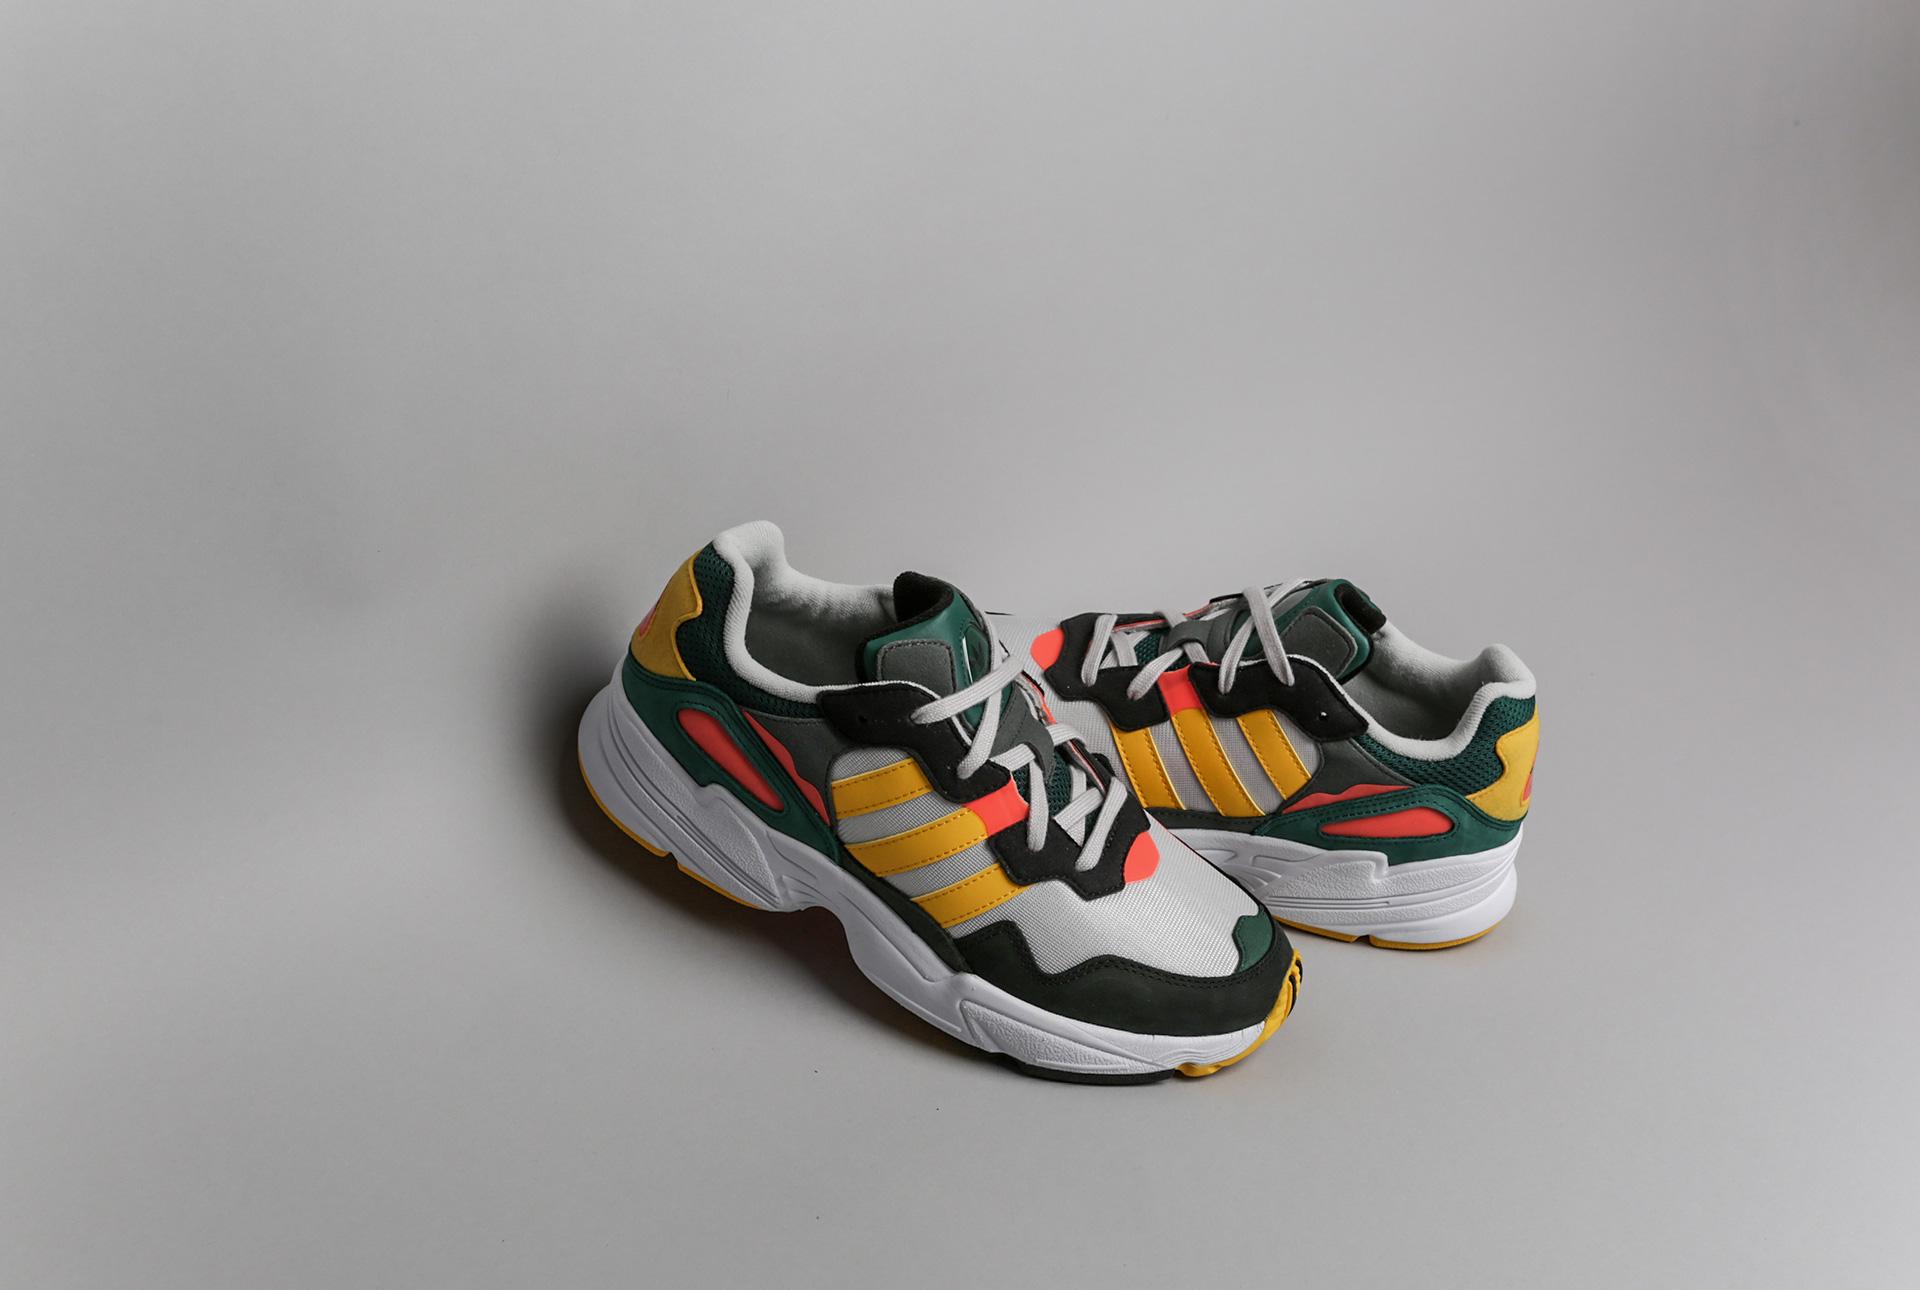 sale retailer 6af9d 7d801 Купить мужские мультиколые кроссовки adidas Originals Yung-96